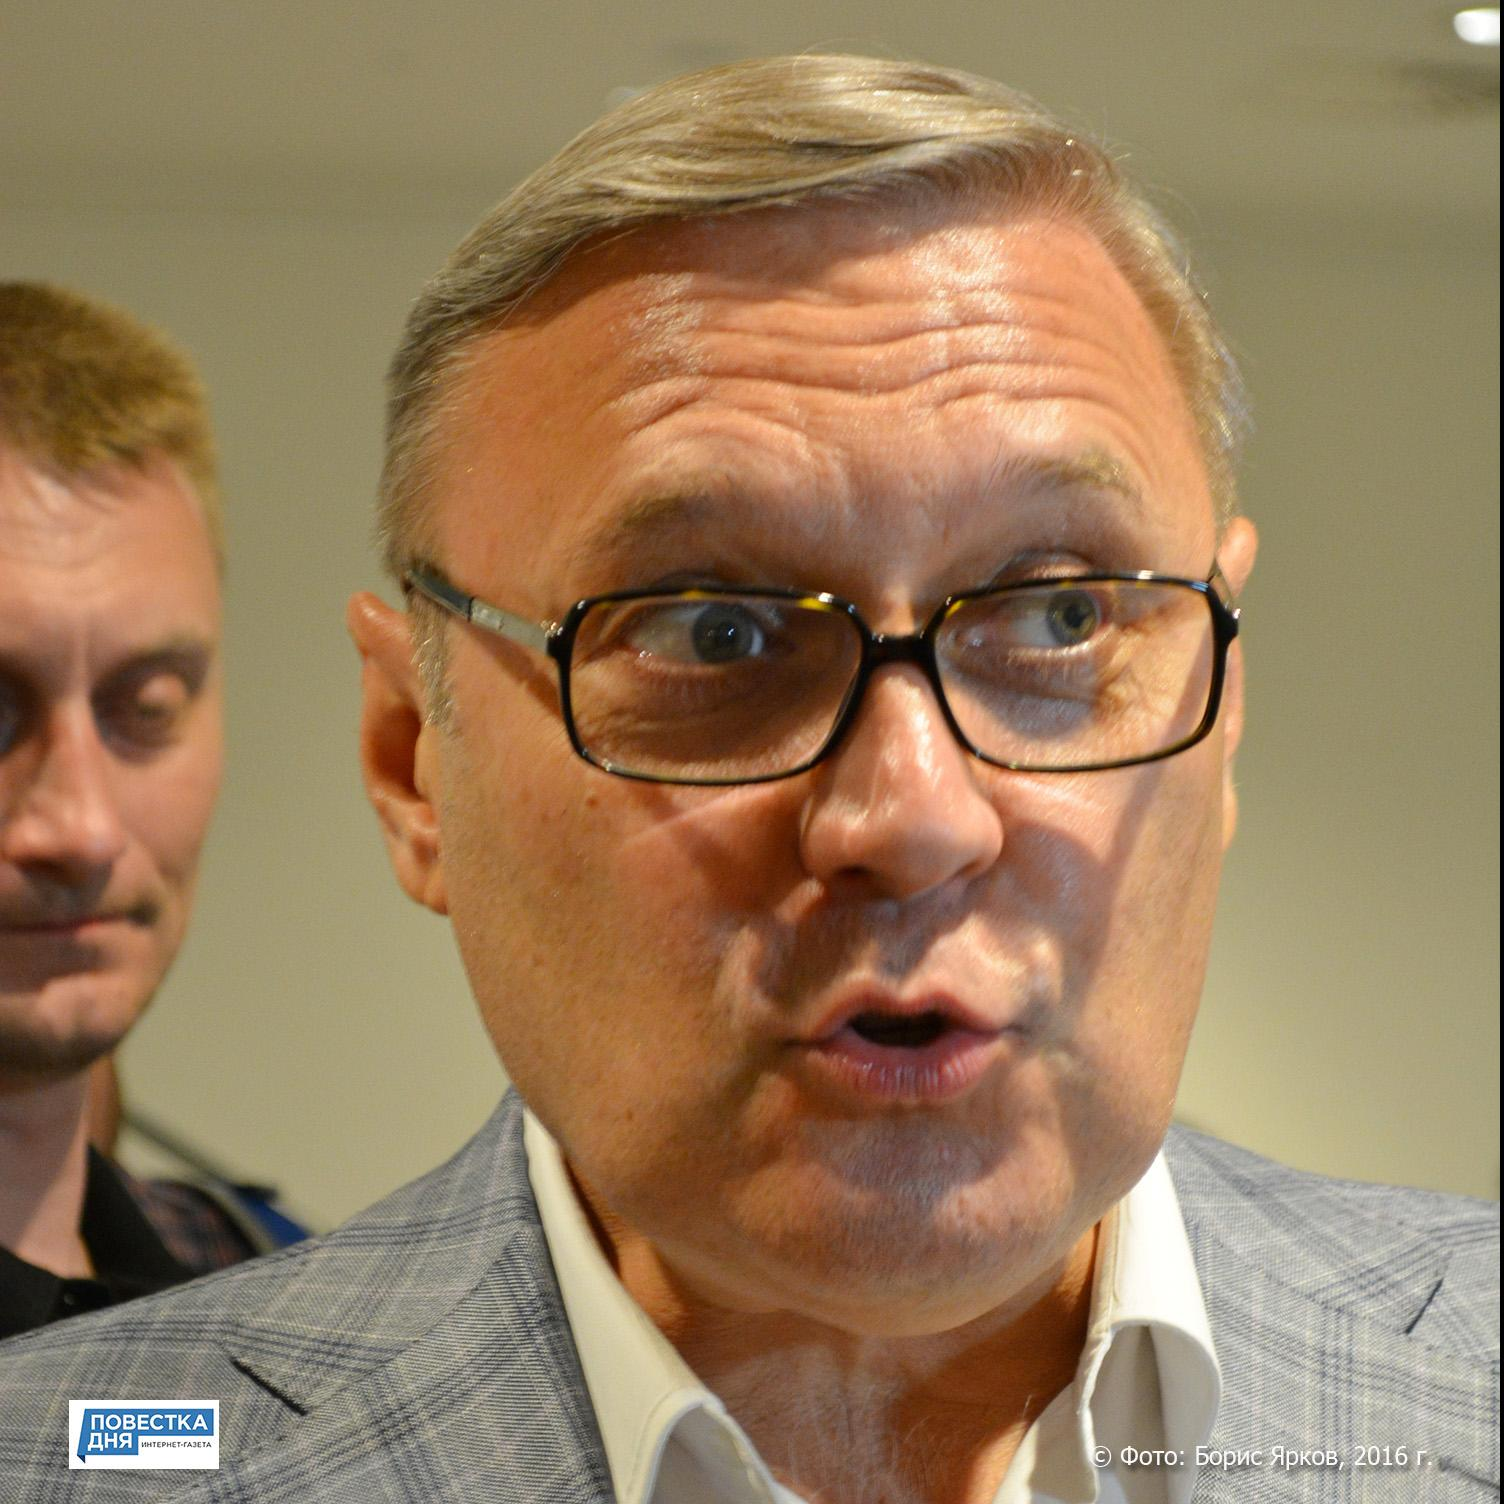 Наближайшем съезде «Парнас» рассмотрит вопрос оботставке Касьянова